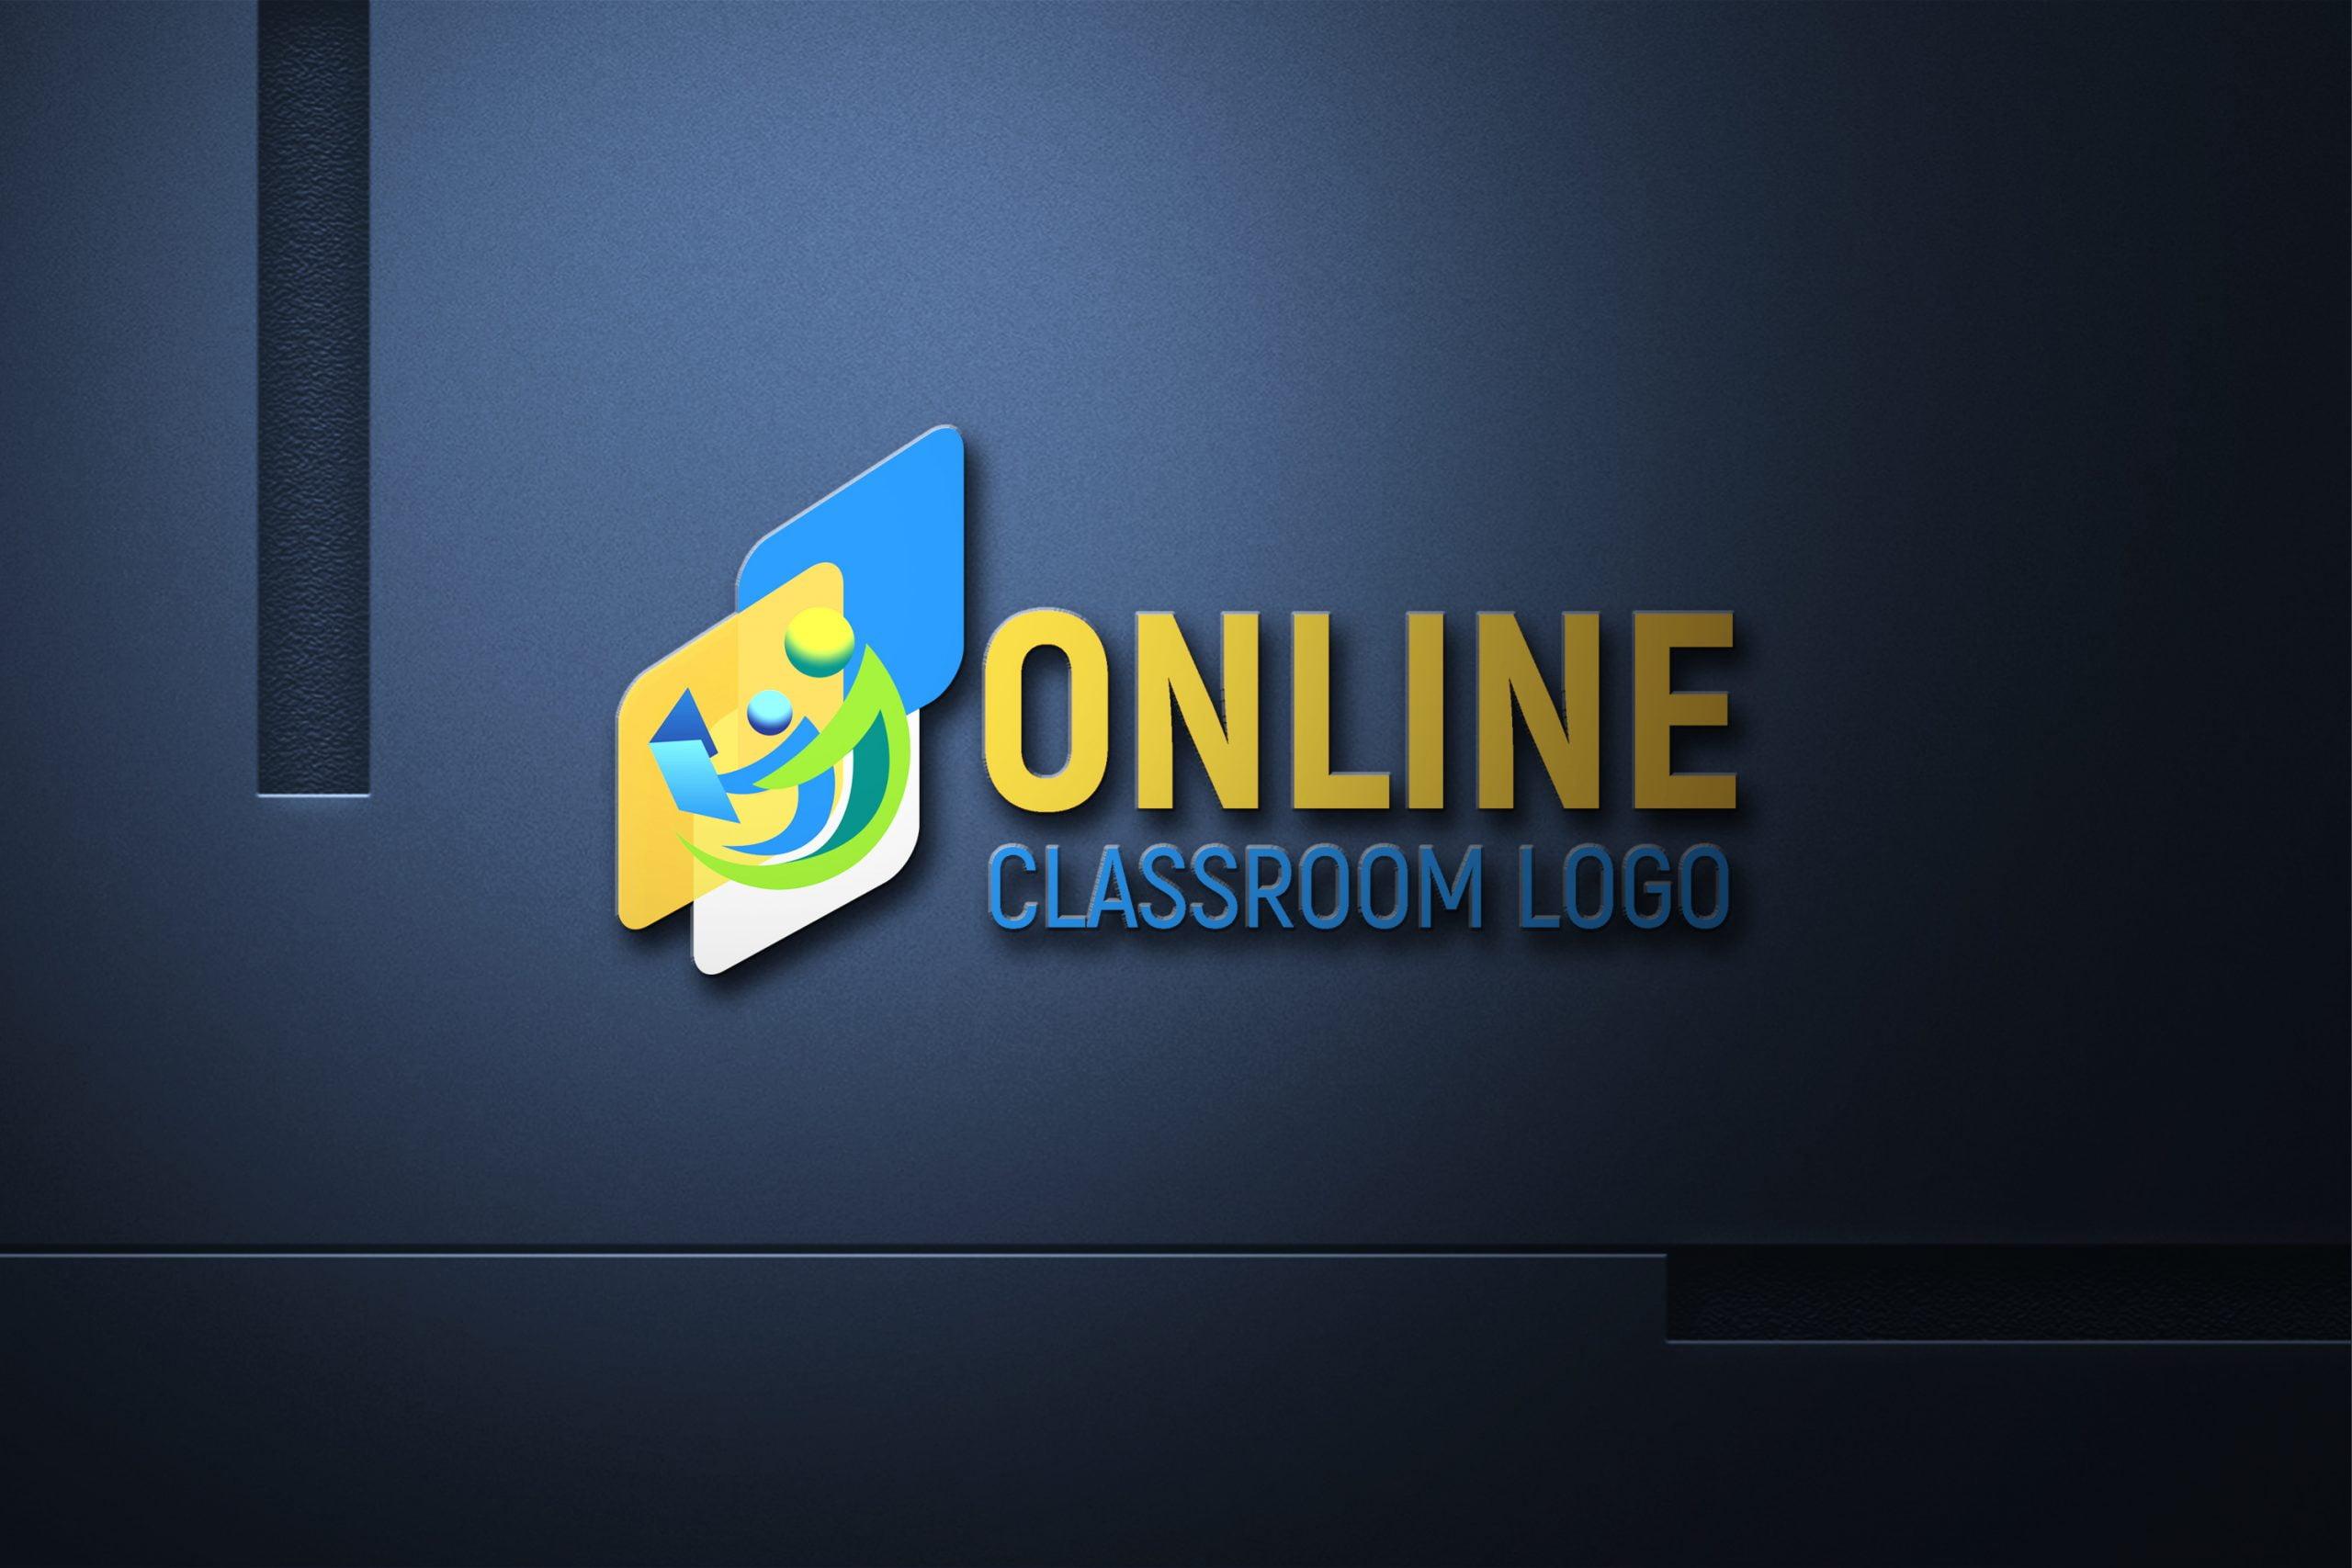 Free online Class logo Design Template